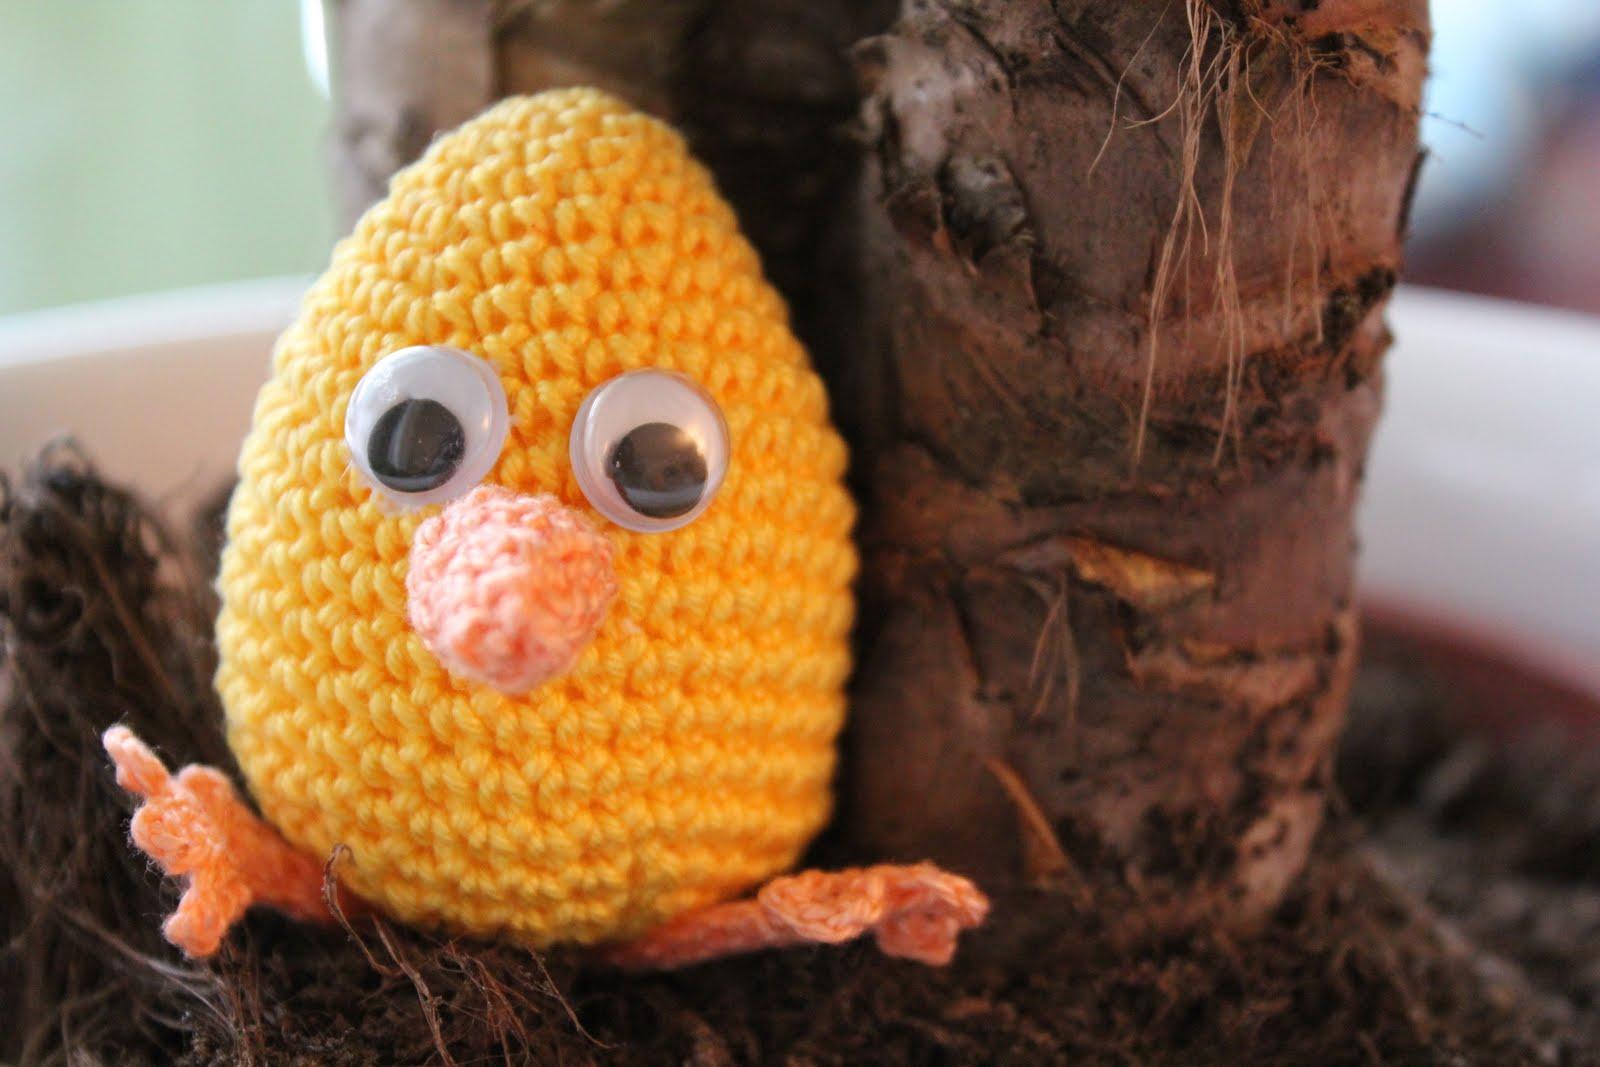 Egg, Eggs - Husker Douchebag